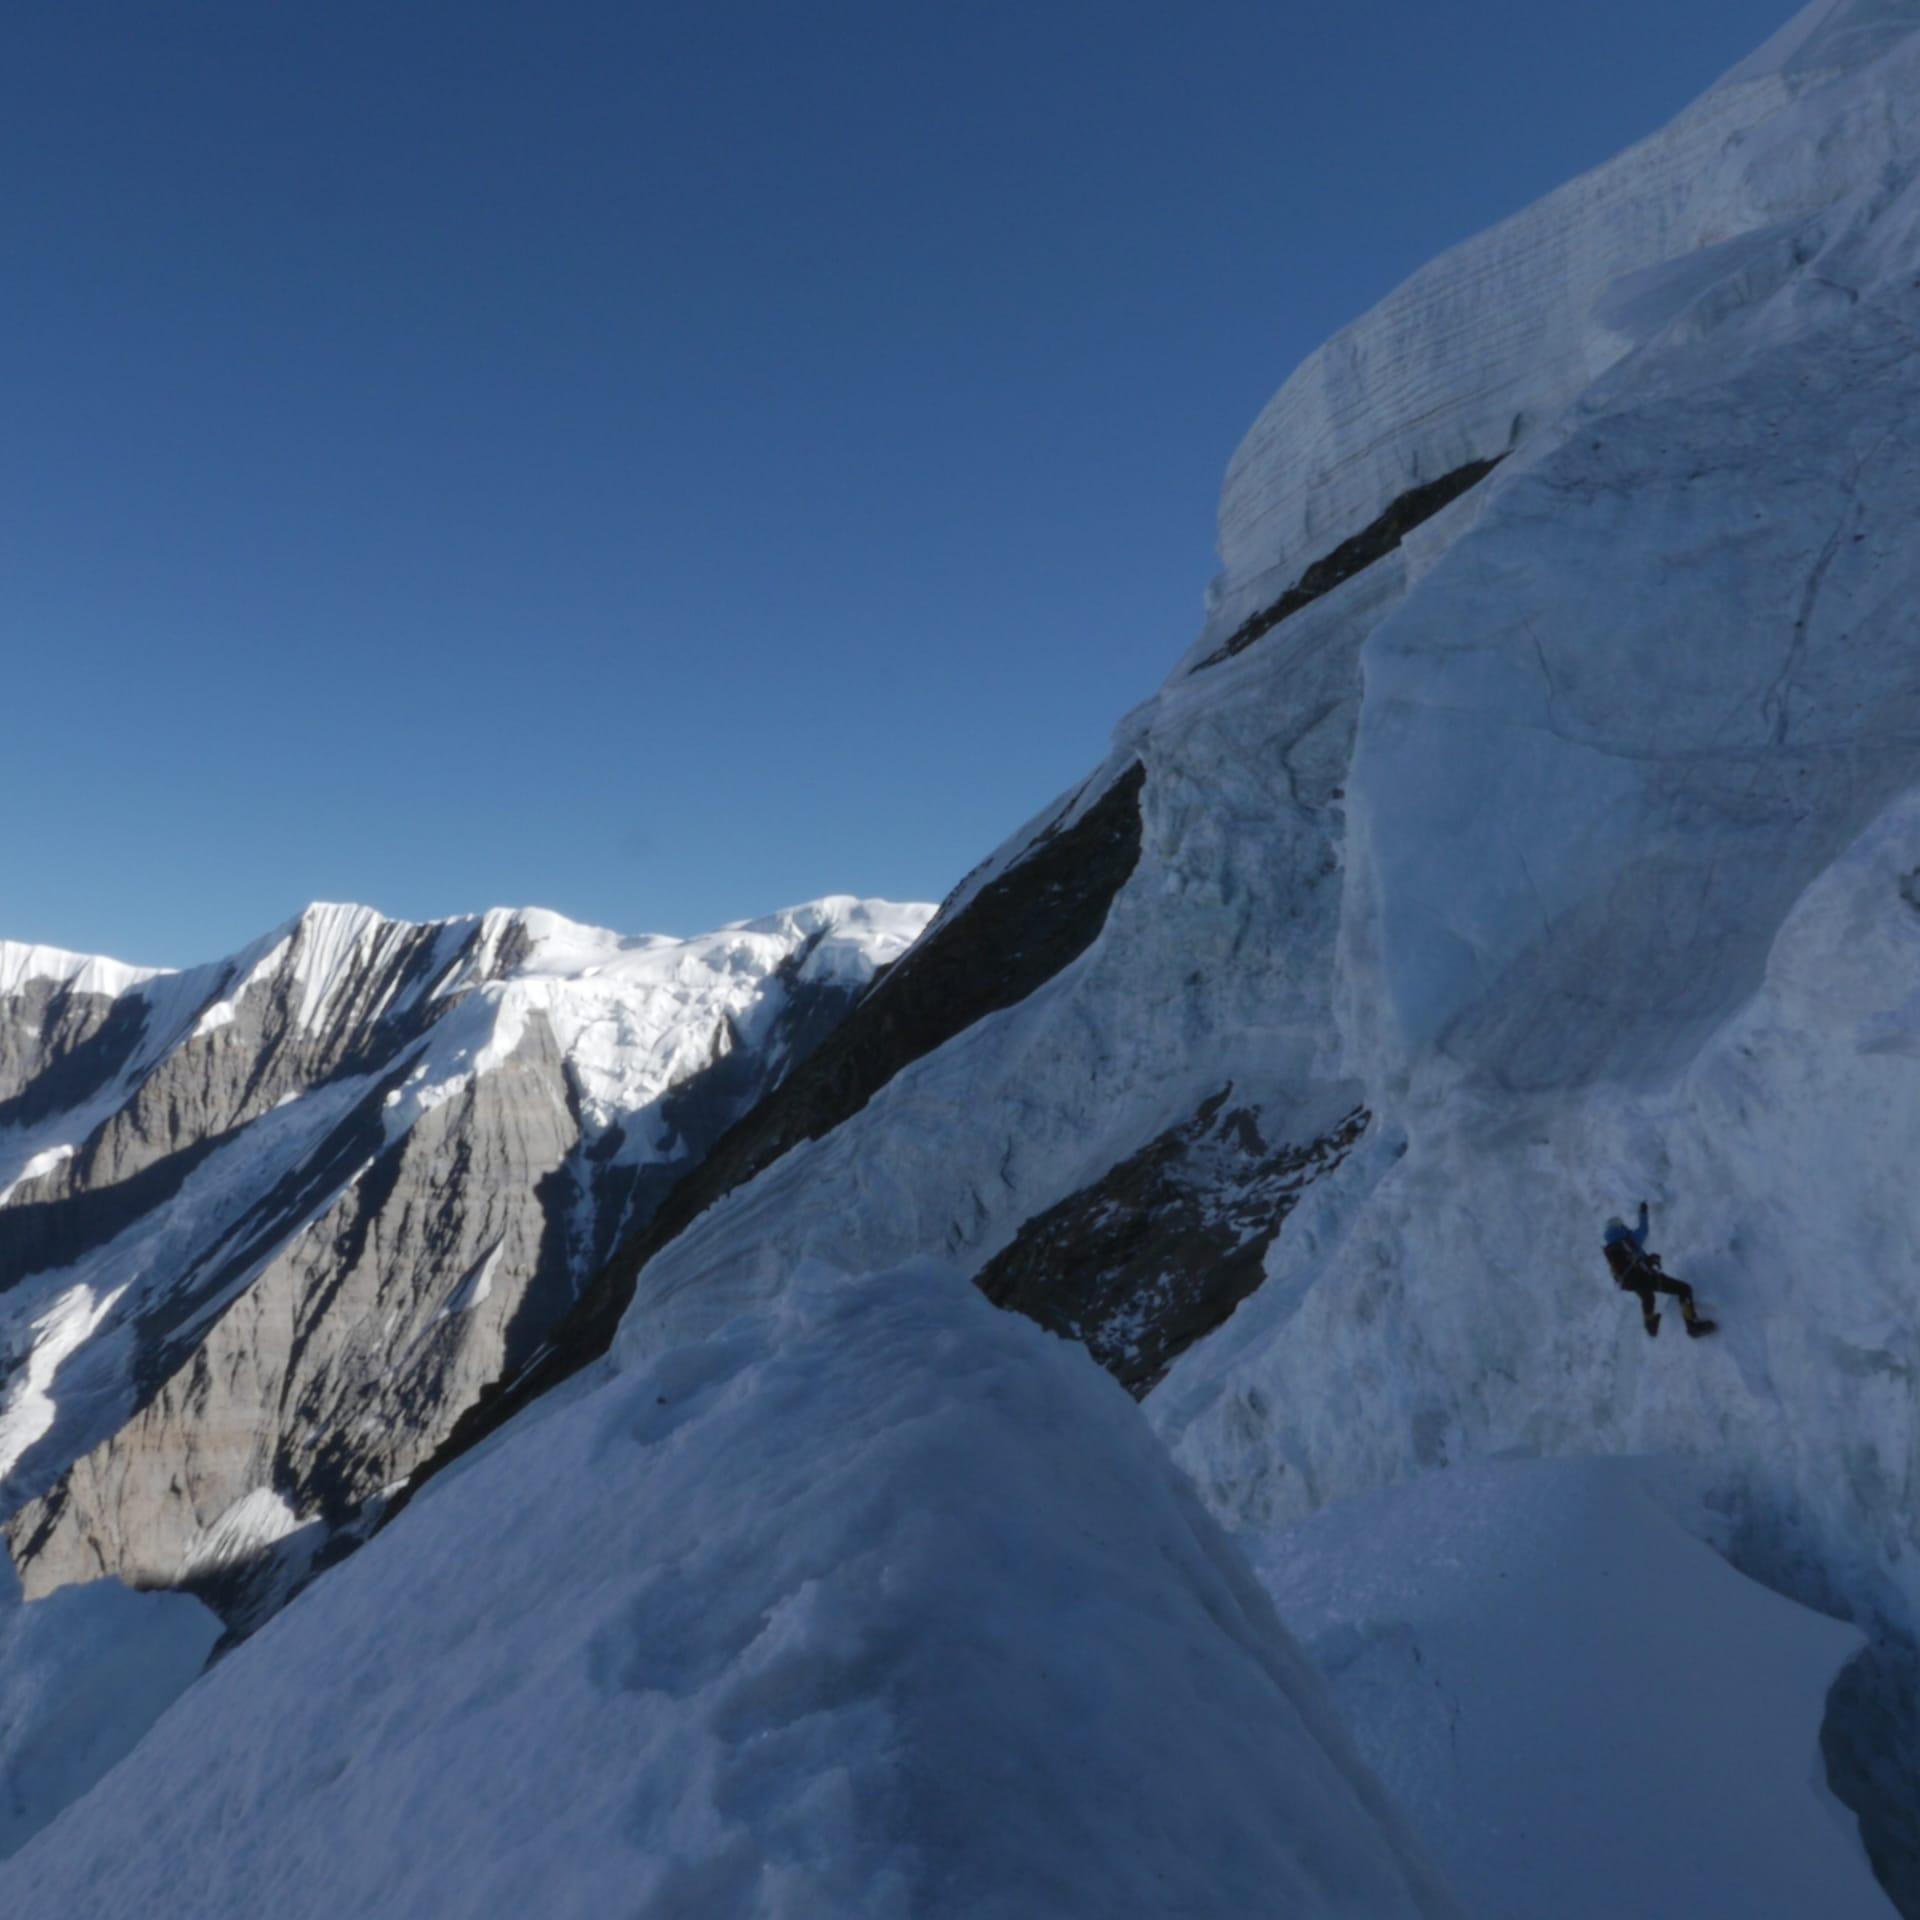 Vi fixar rep på vägen. Vi måste göra flera resor upp och ner med utrustning och ibland innebär dessa resor överhängande is!